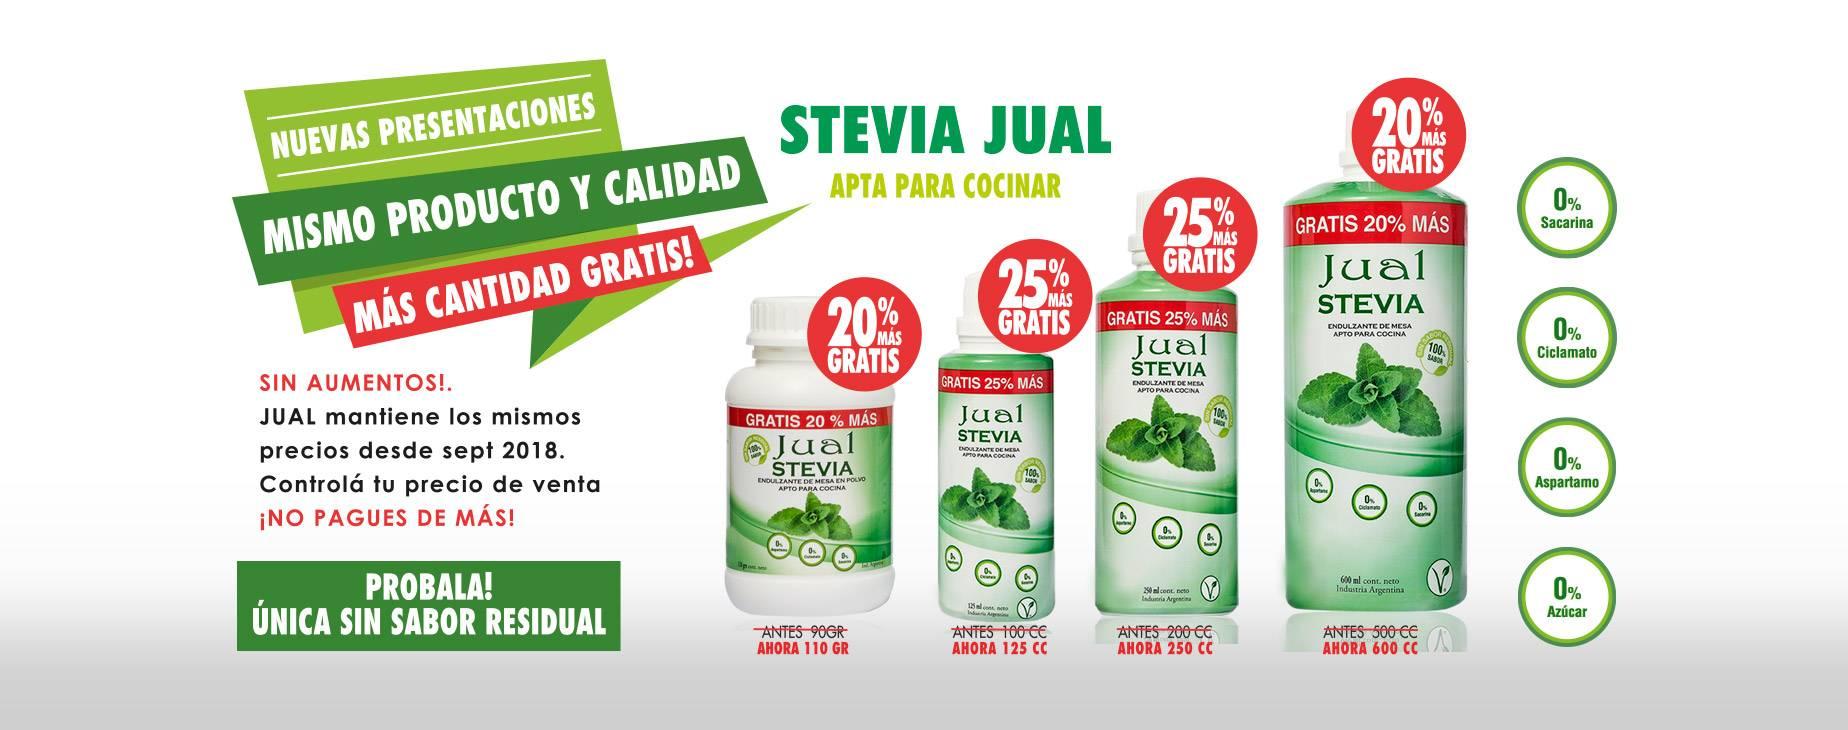 Nuevas presentaciones stevia Jual